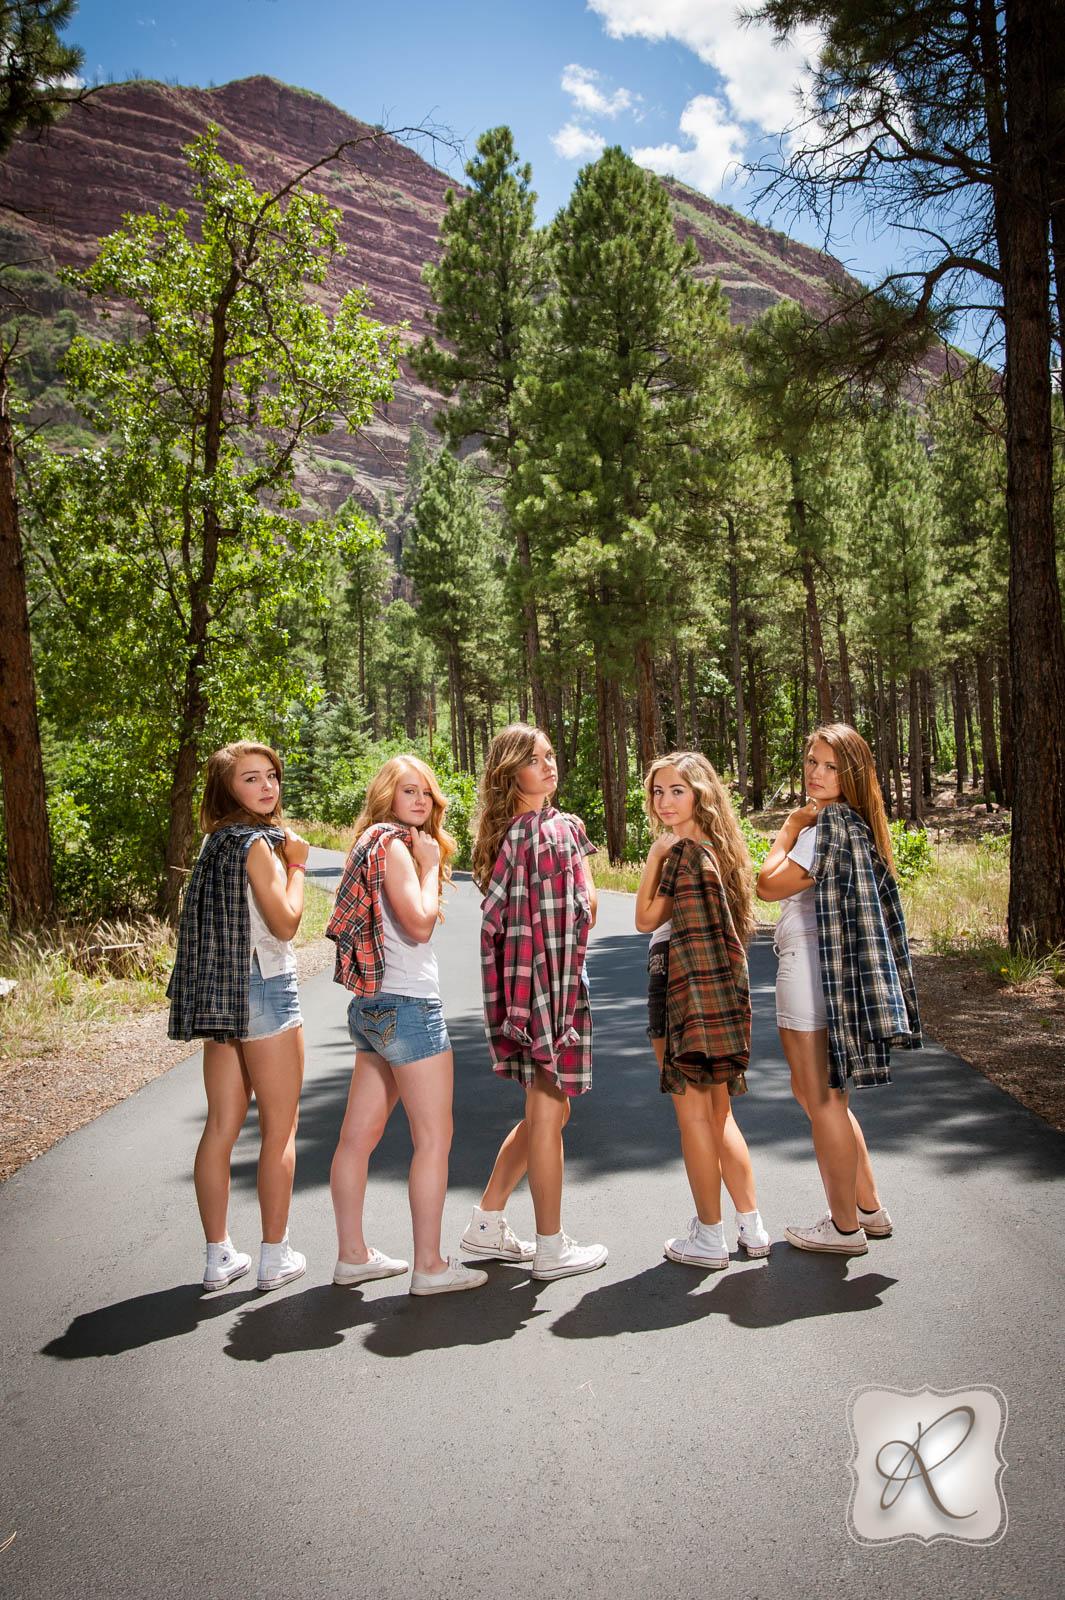 Senior Model Friend Photoshoot In Durango